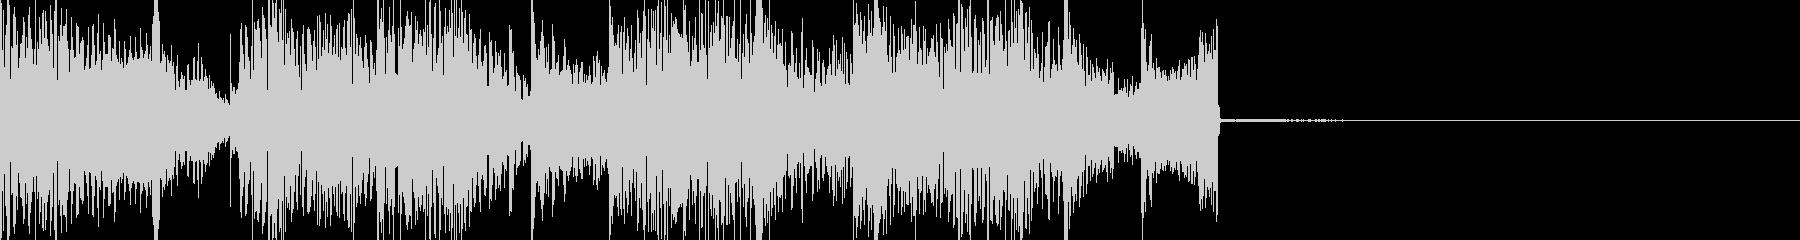 ジャズ風味なアイキャッチ音の未再生の波形